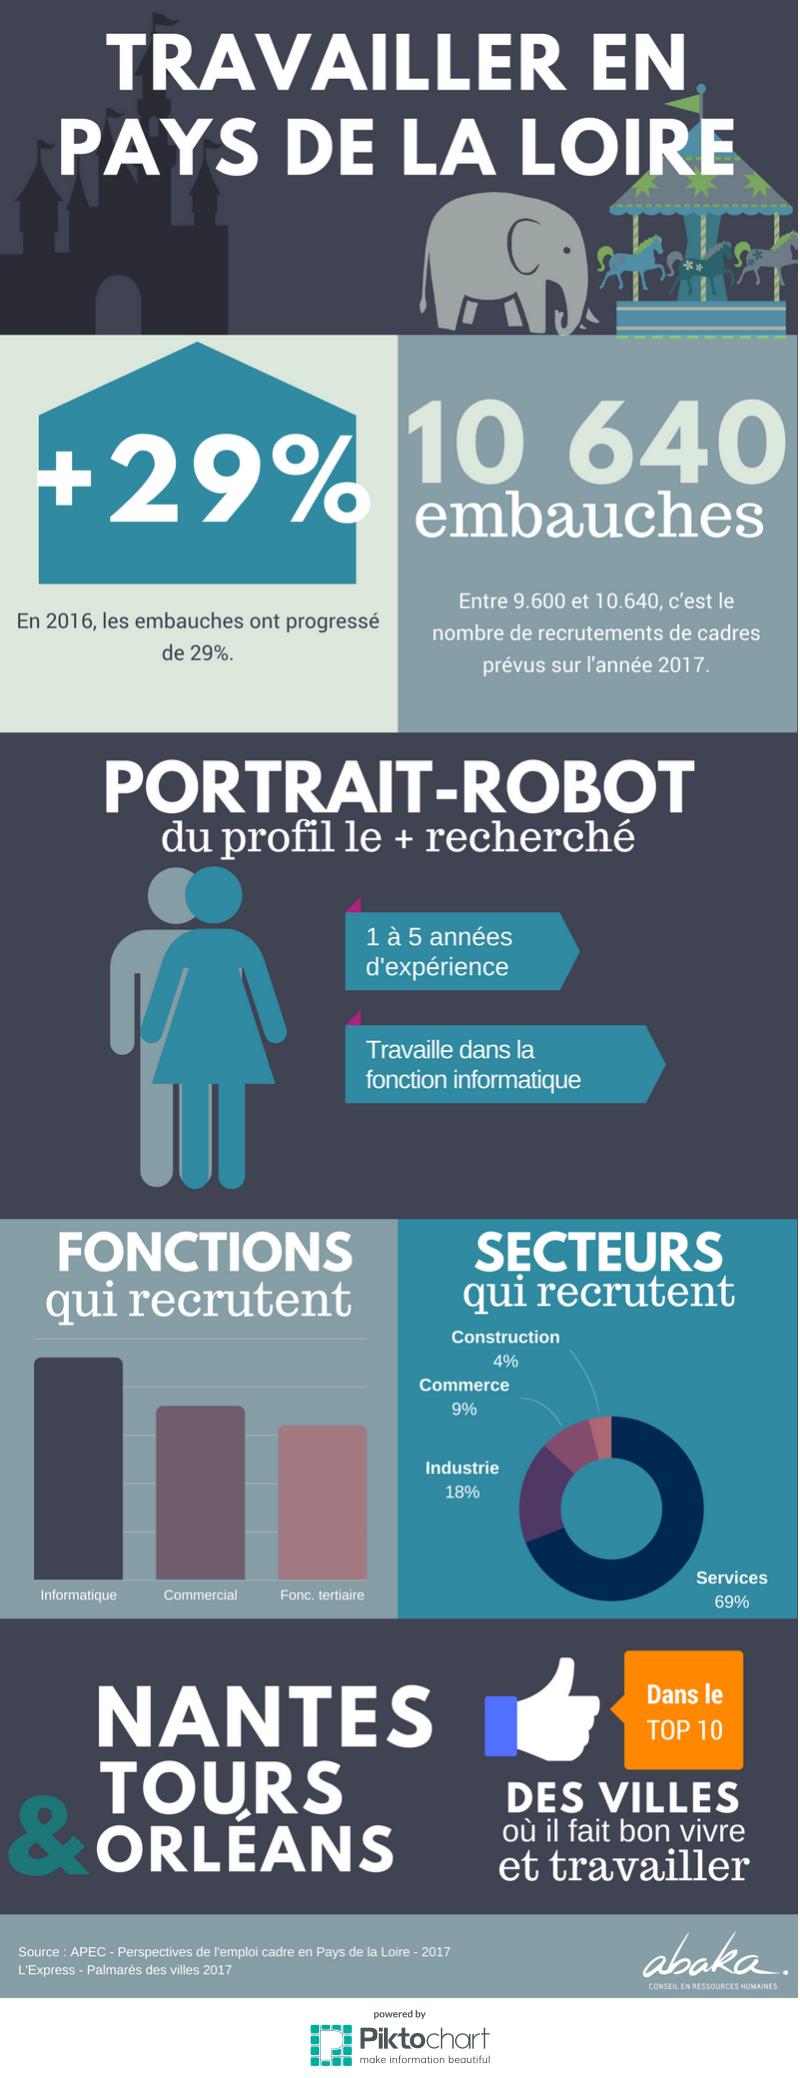 Travailler-pays-de-la-loire-chiffres-emploi-2017